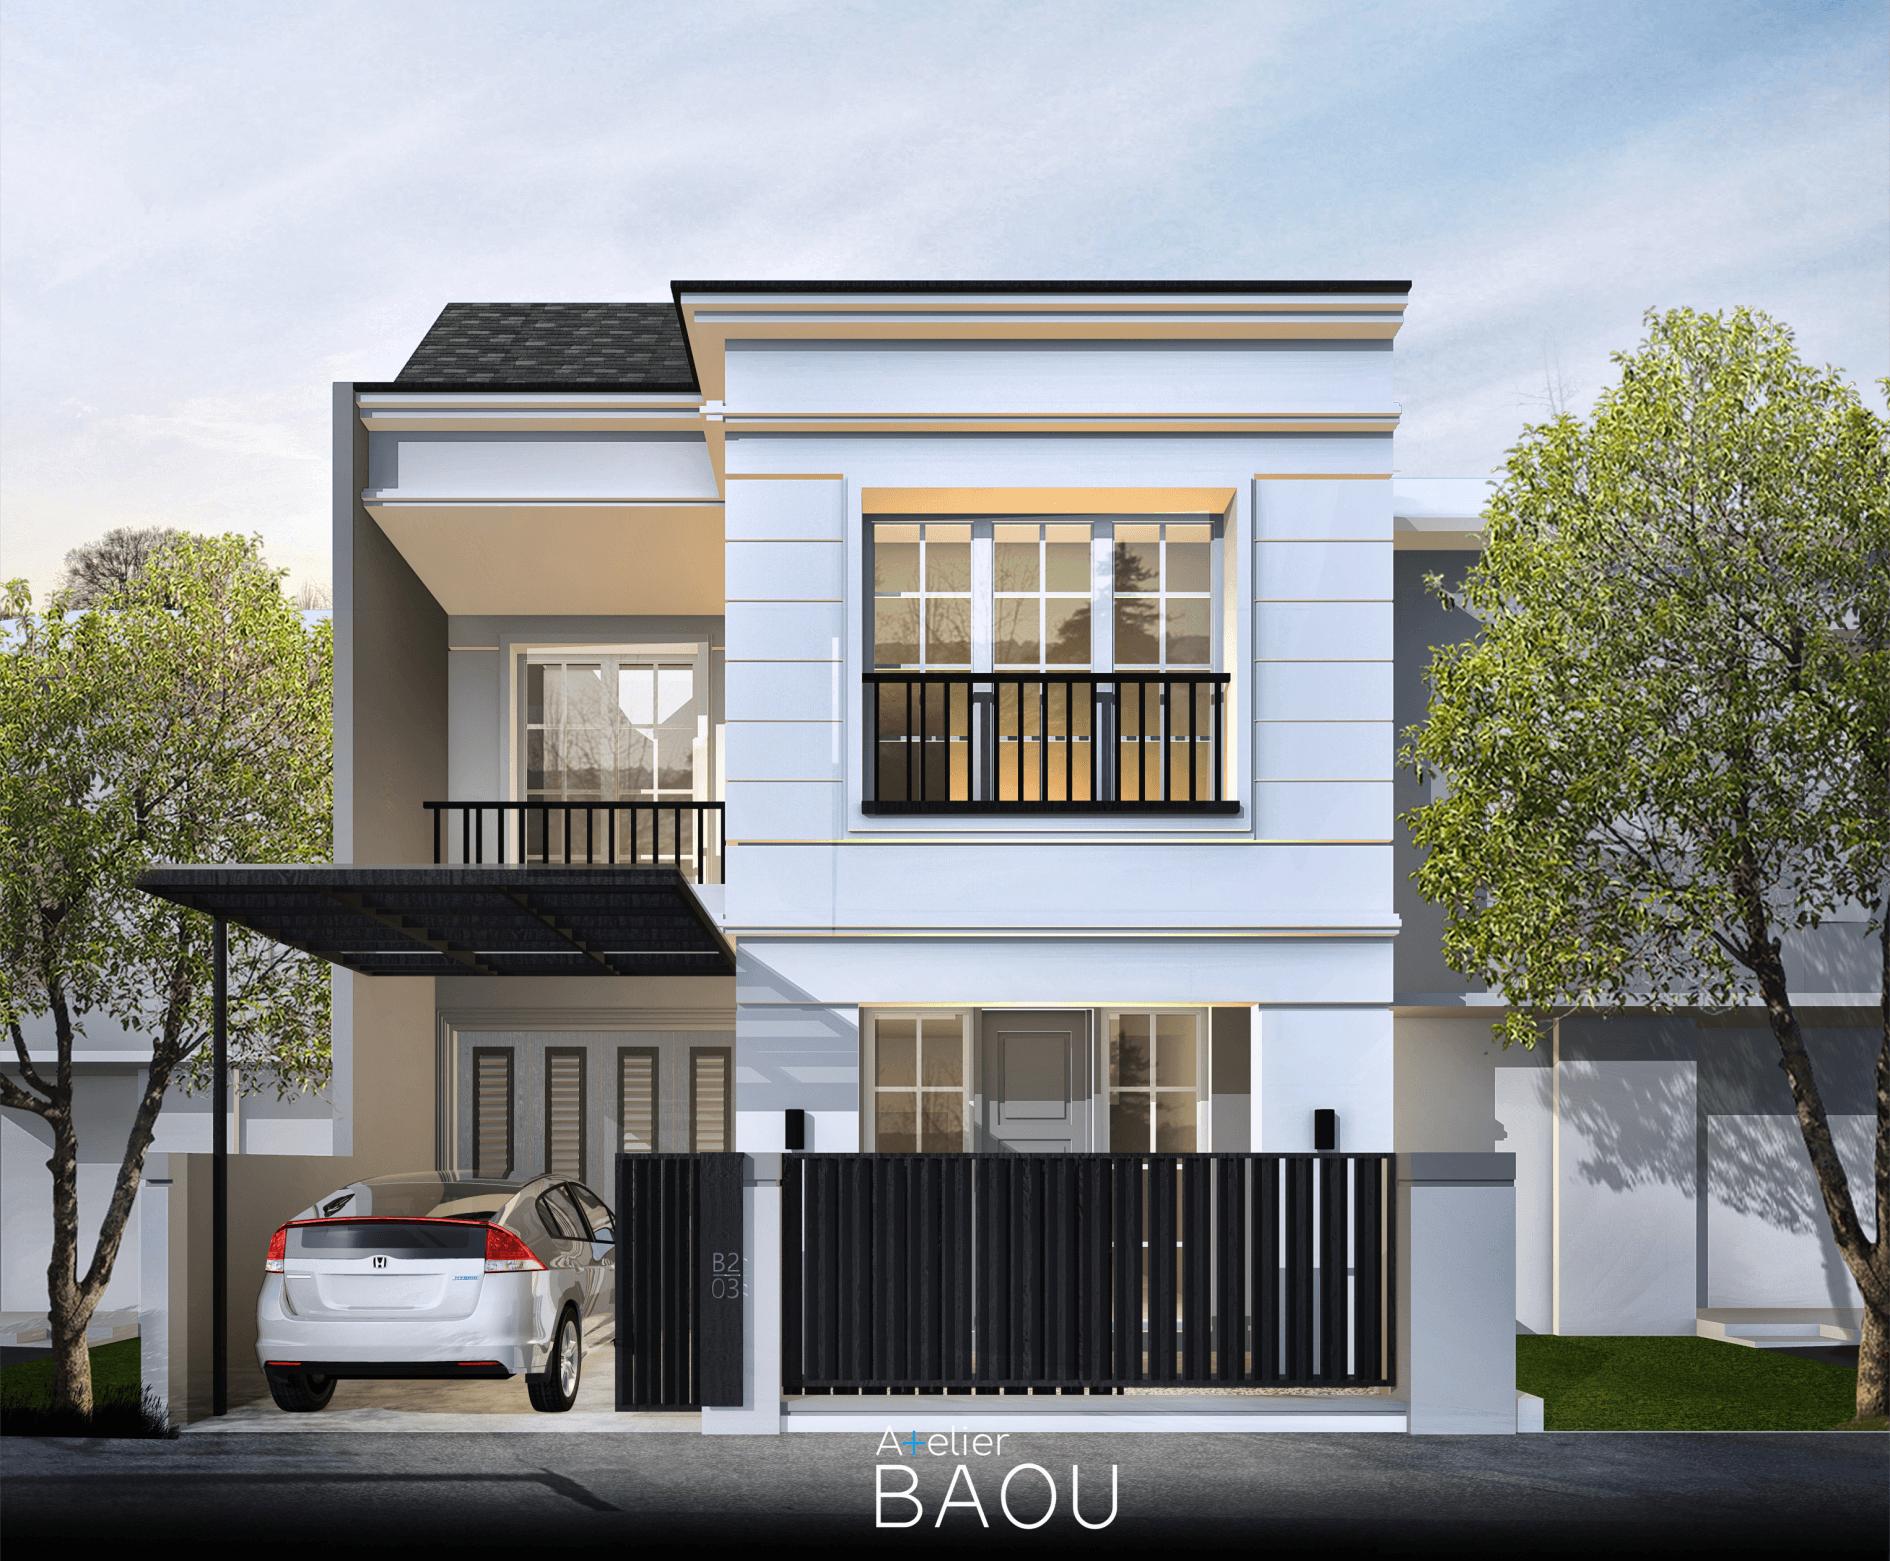 Atelier Baou H House Depok, Kota Depok, Jawa Barat, Indonesia Depok, Kota Depok, Jawa Barat, Indonesia Atelier-Baou-H-House  86481